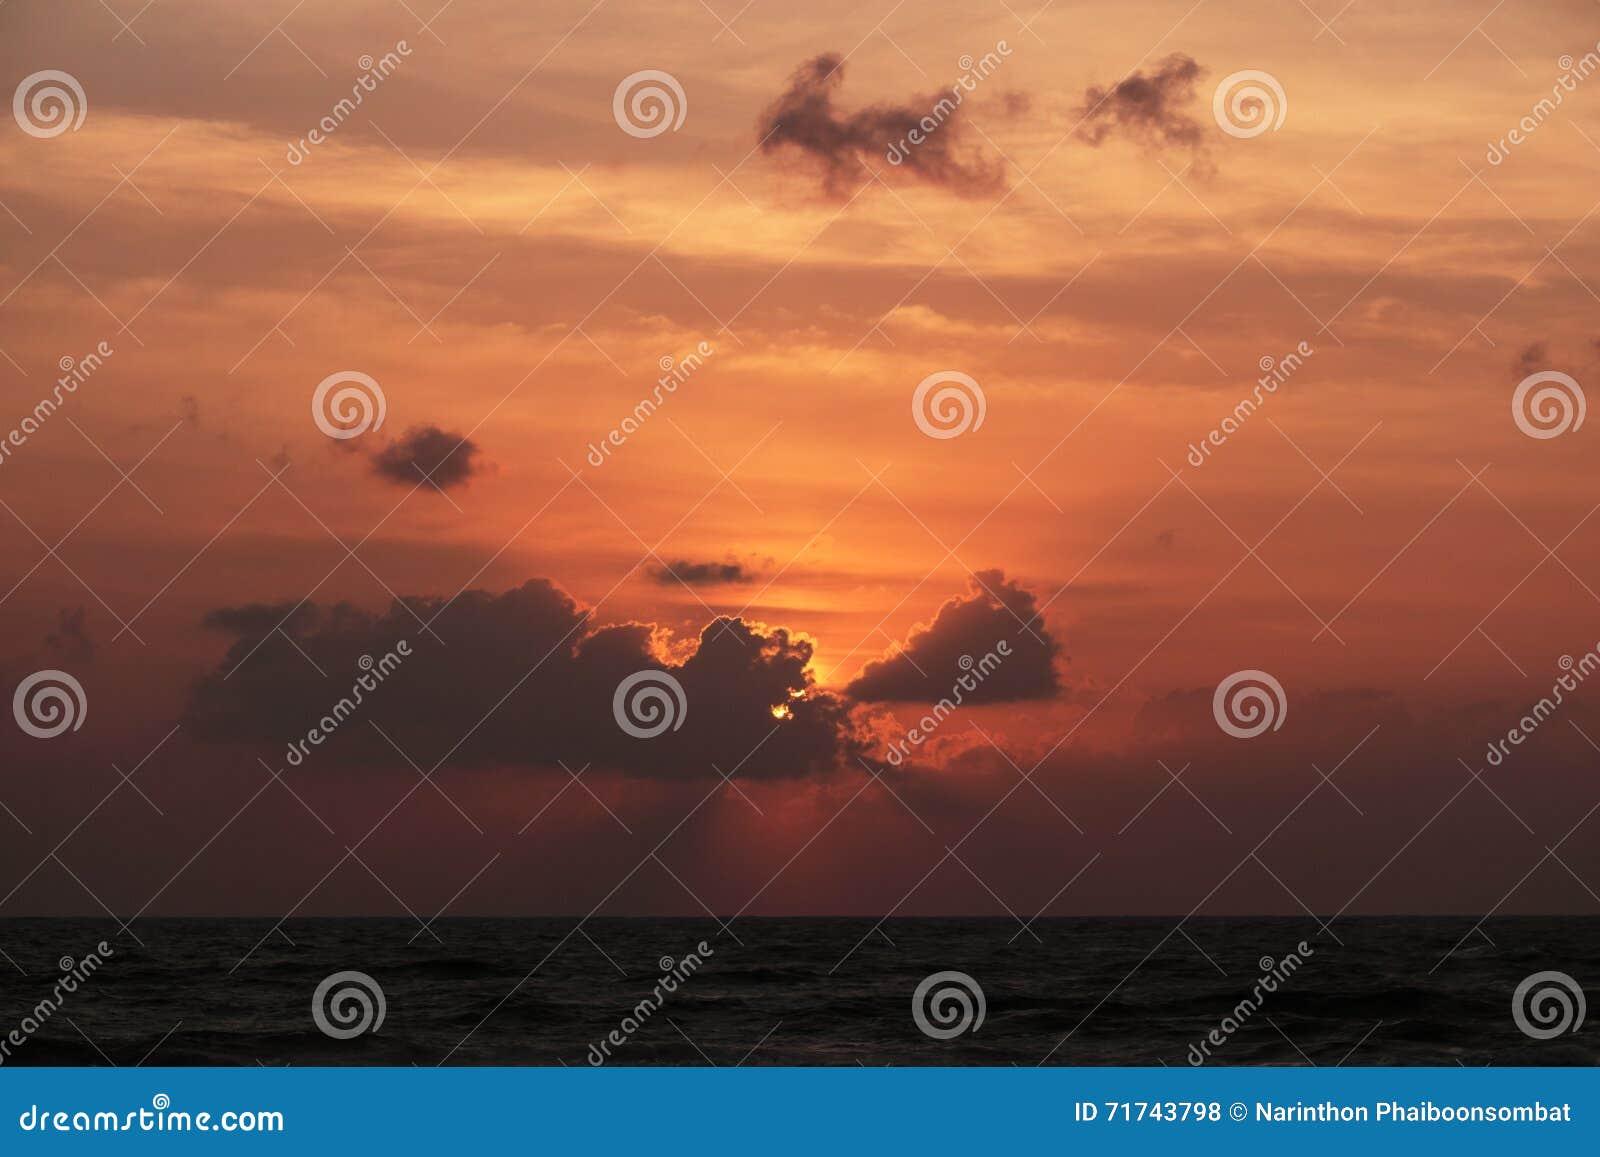 Good Morning Stock Photo Image Of Twilight Beautiful 71743798